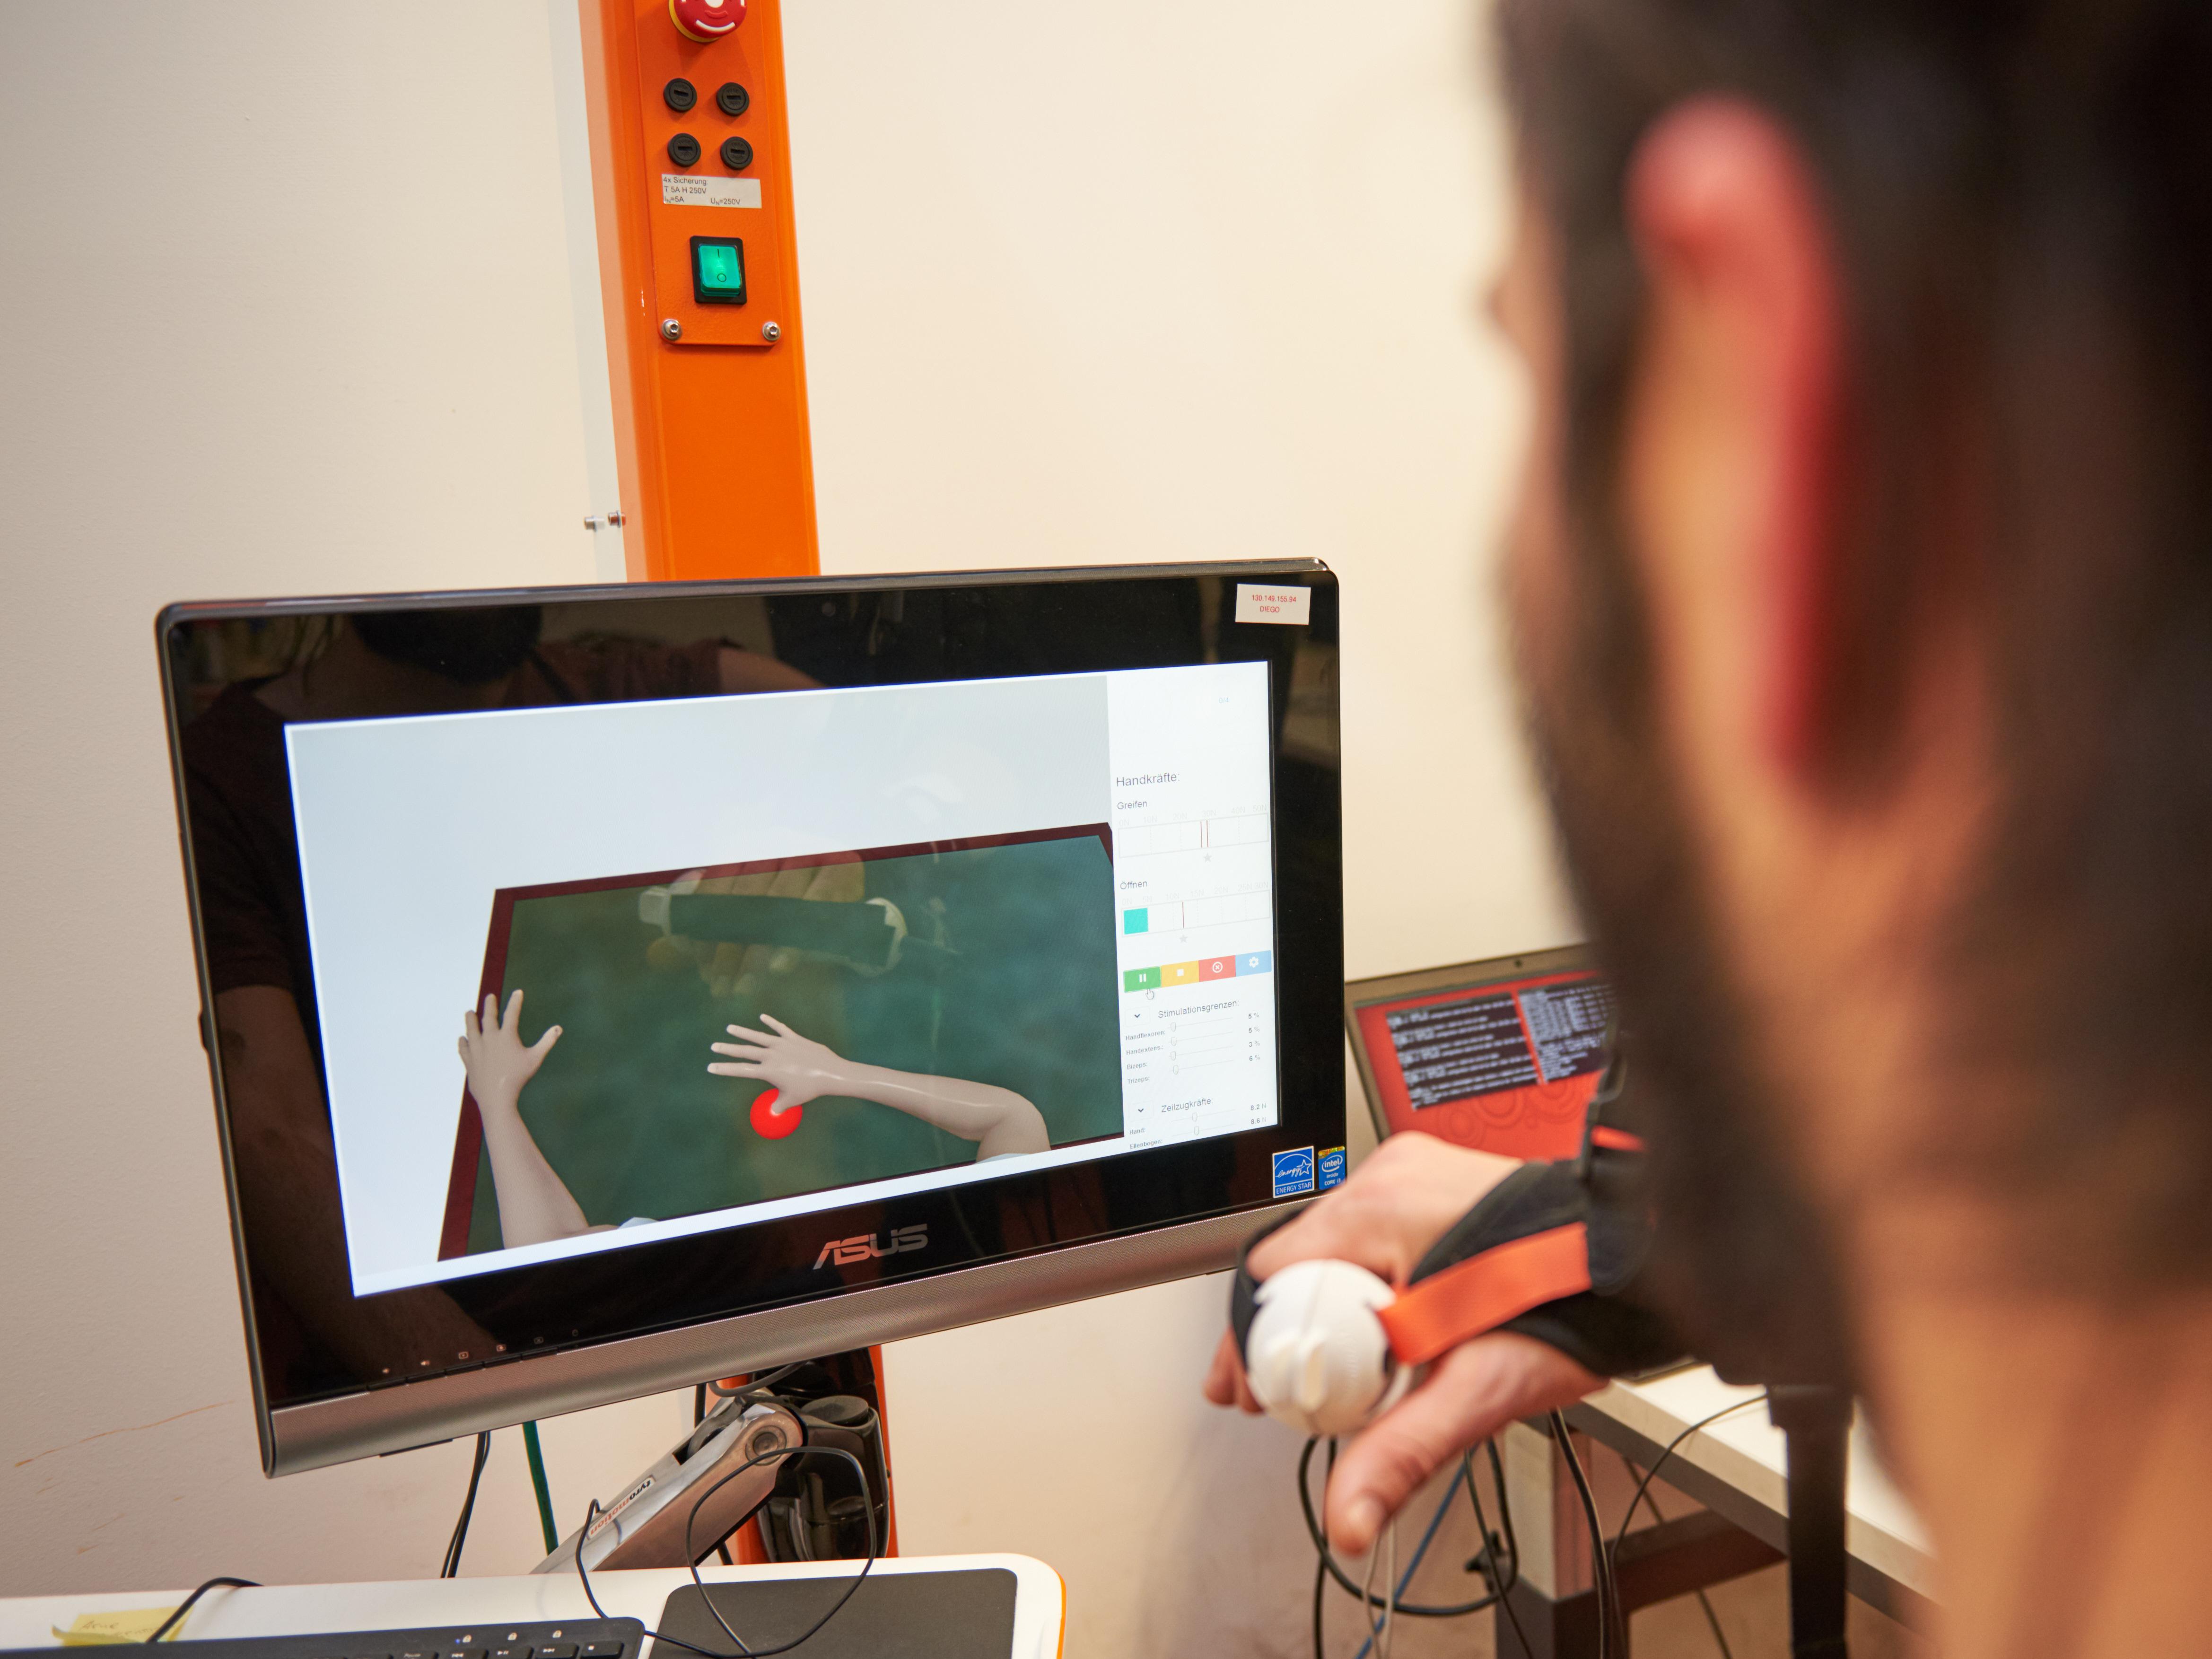 Virtuelles Ballspiel: Werden Übungen zum Muskelaufbau spielerisch organisiert, werden sie häufiger ausgeführt und der Behandlungserfolg ist größer.